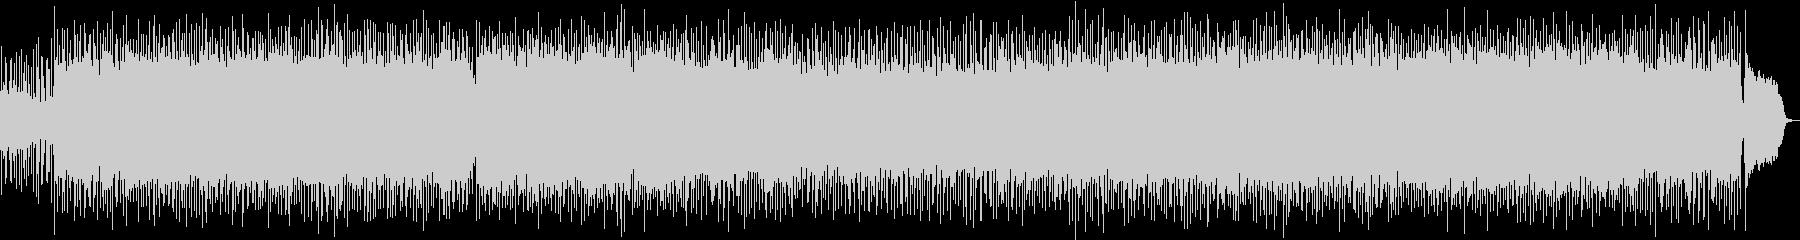 Shakuhachi / Shamisen, Sengoku warlords, Japanese-style hard rock's unreproduced waveform